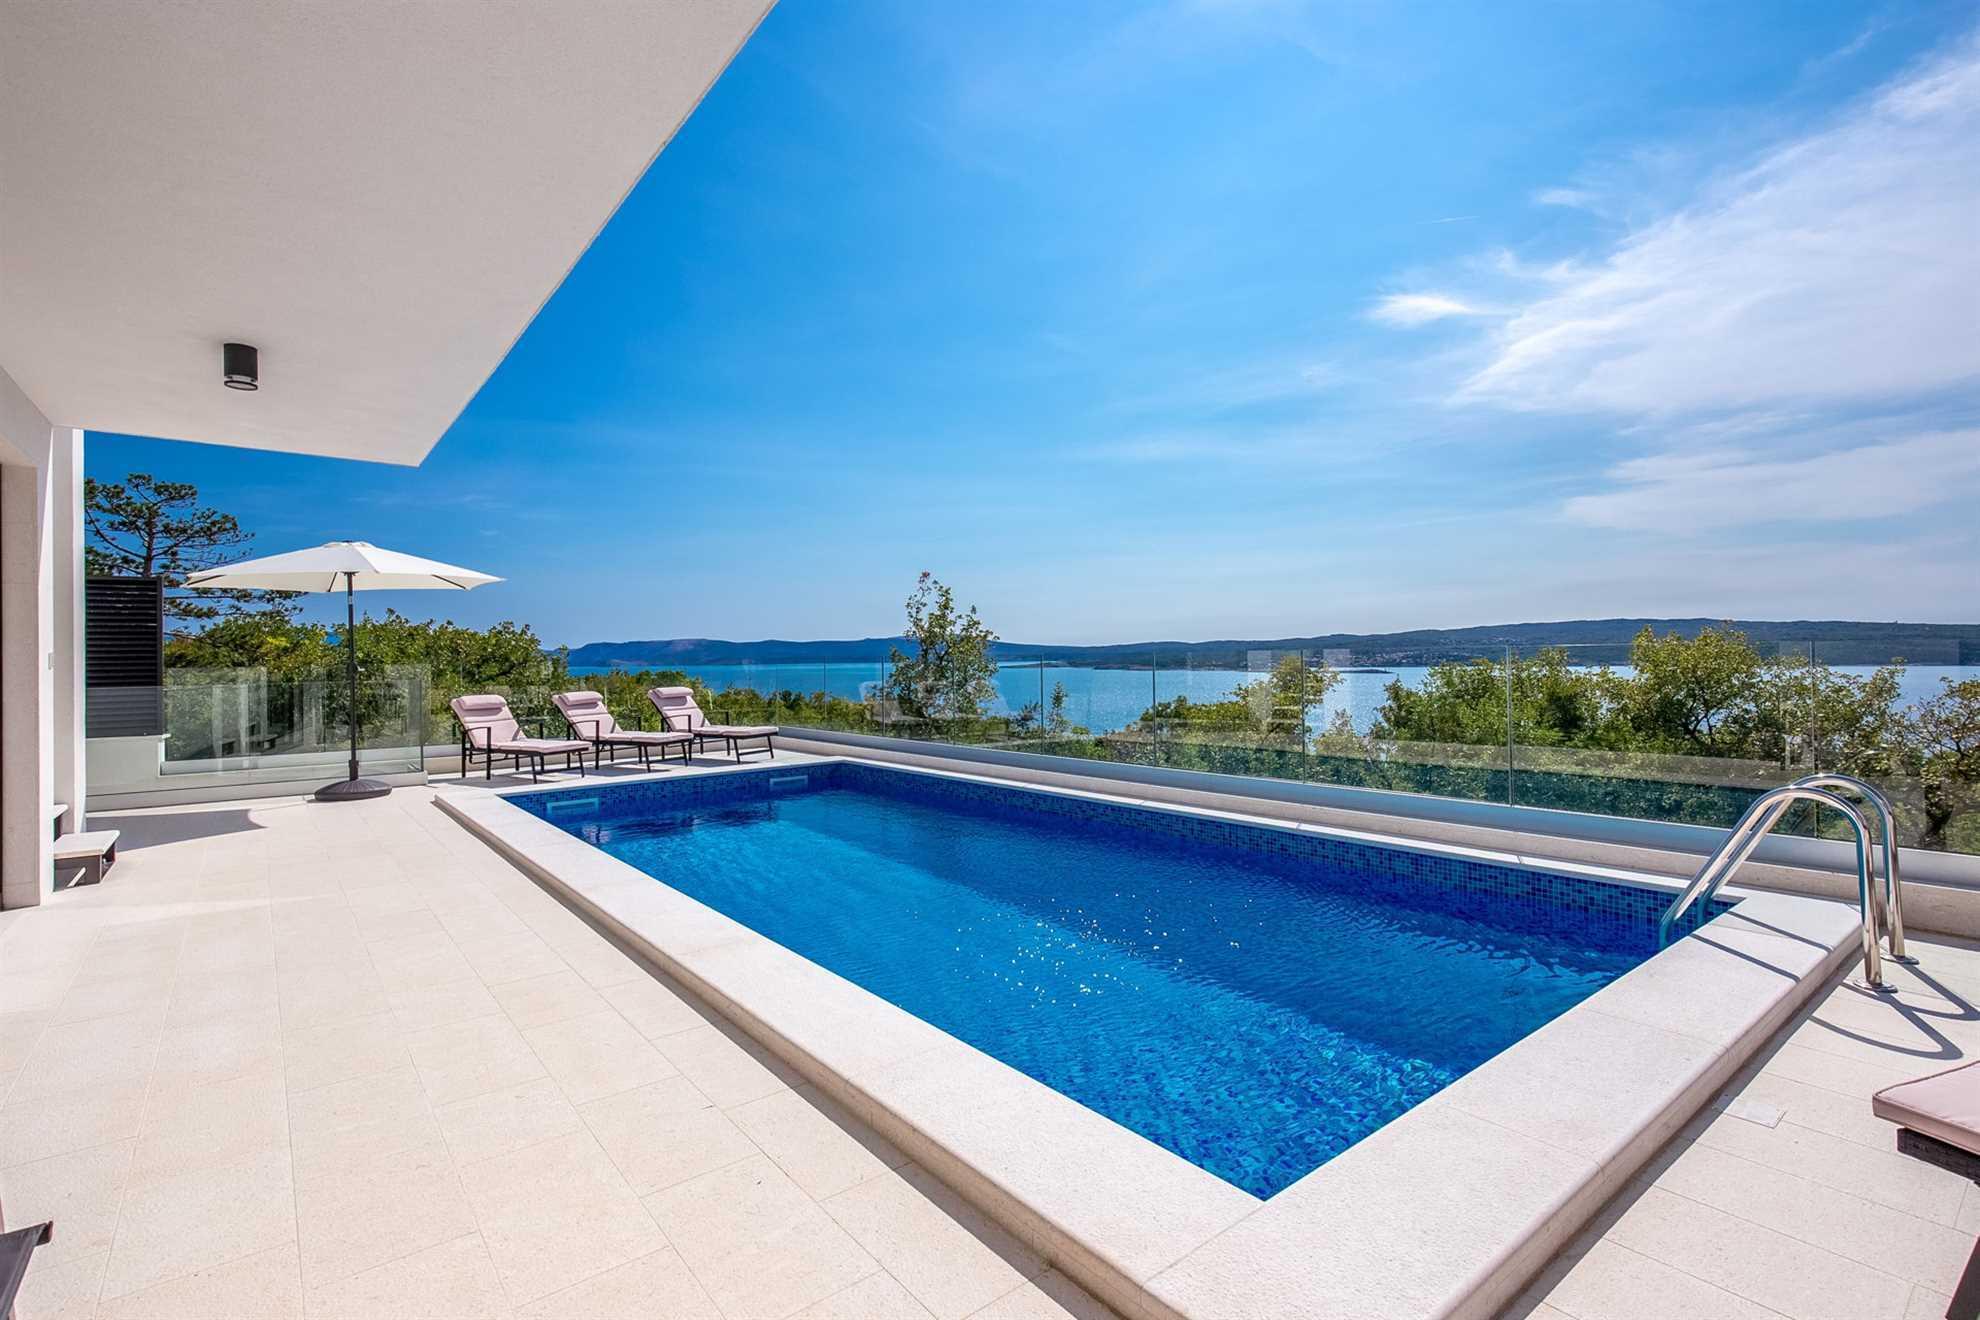 Villa Royal View with Pool